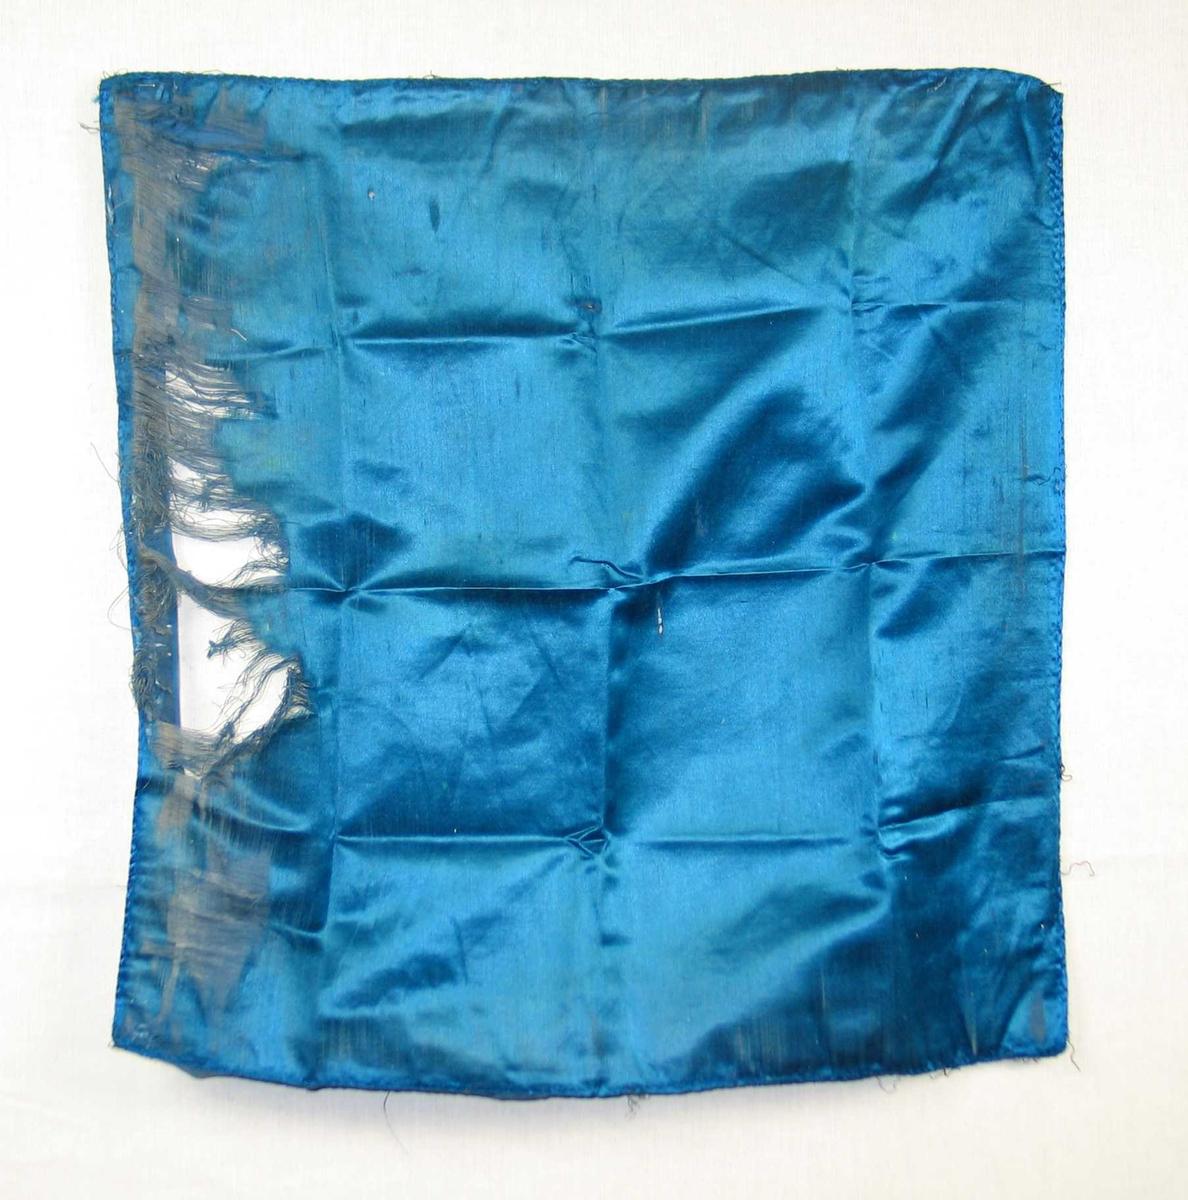 Avsprettet bakstykke av pute. Det er blå natursilke.